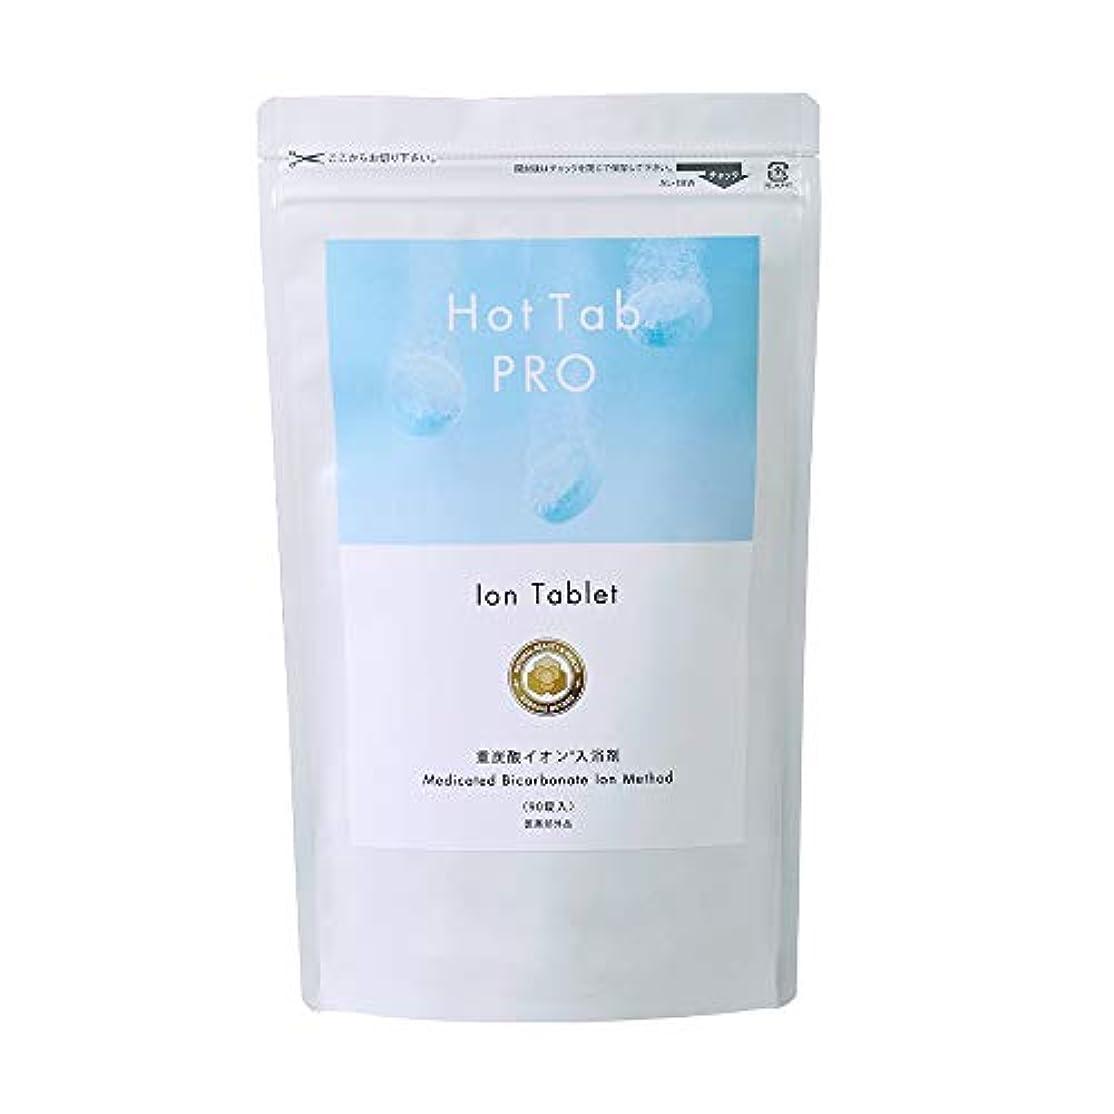 ラフ睡眠言い聞かせる精査する最新型 日本製なめらか重炭酸入浴剤「ホットタブPro」(デリケートな肌でも安心 無香料 無着色 中性pH) (お得な90錠セット)